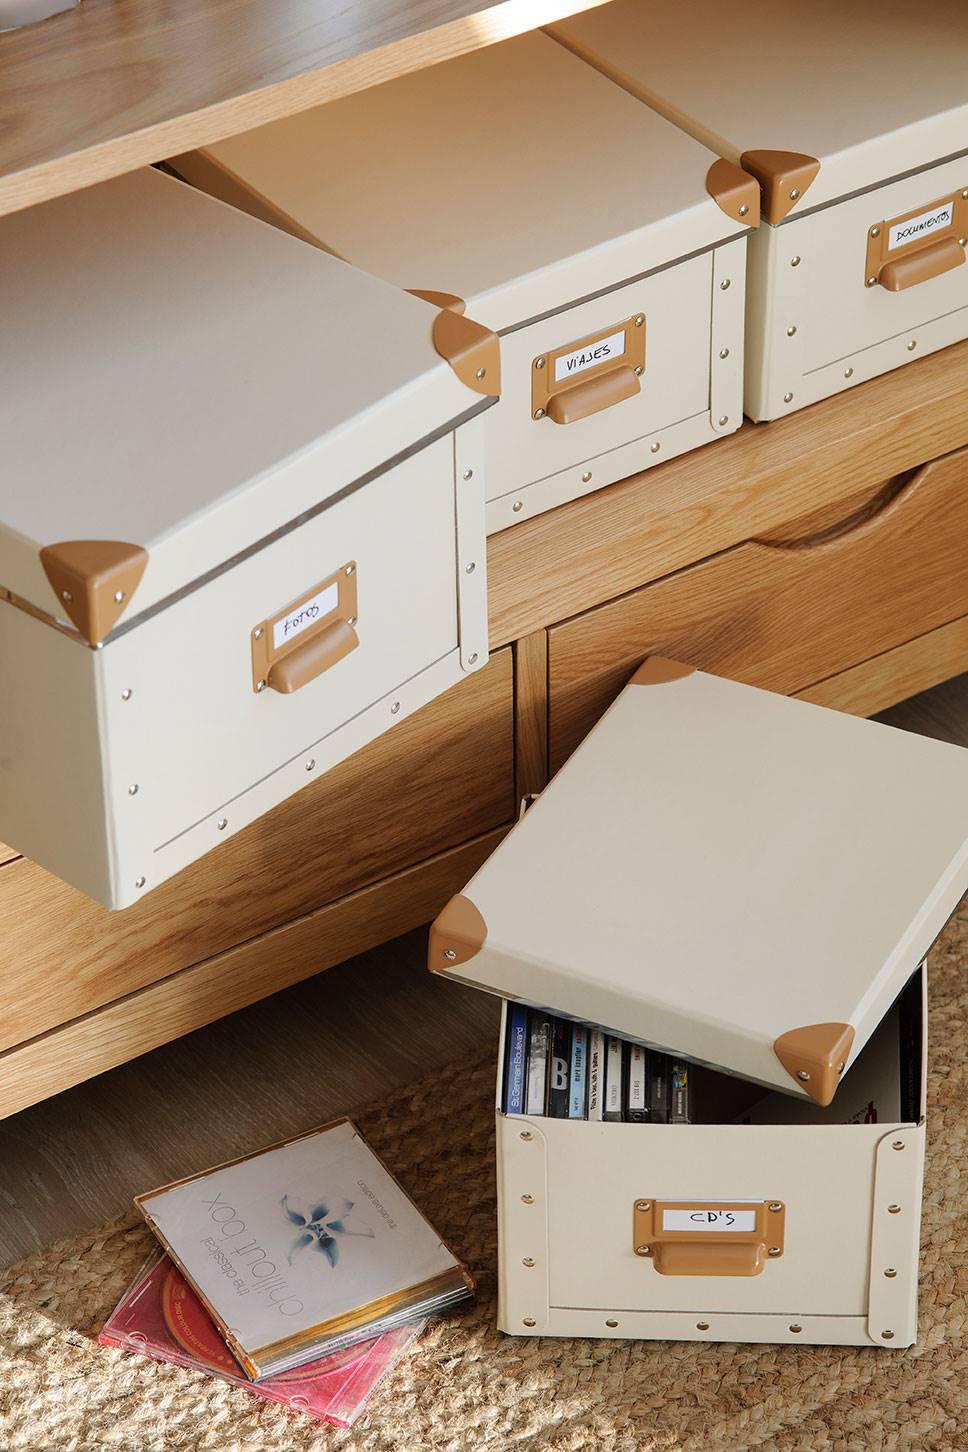 Cajas y almacenaje el mueble - Cajas almacenaje decorativas ...